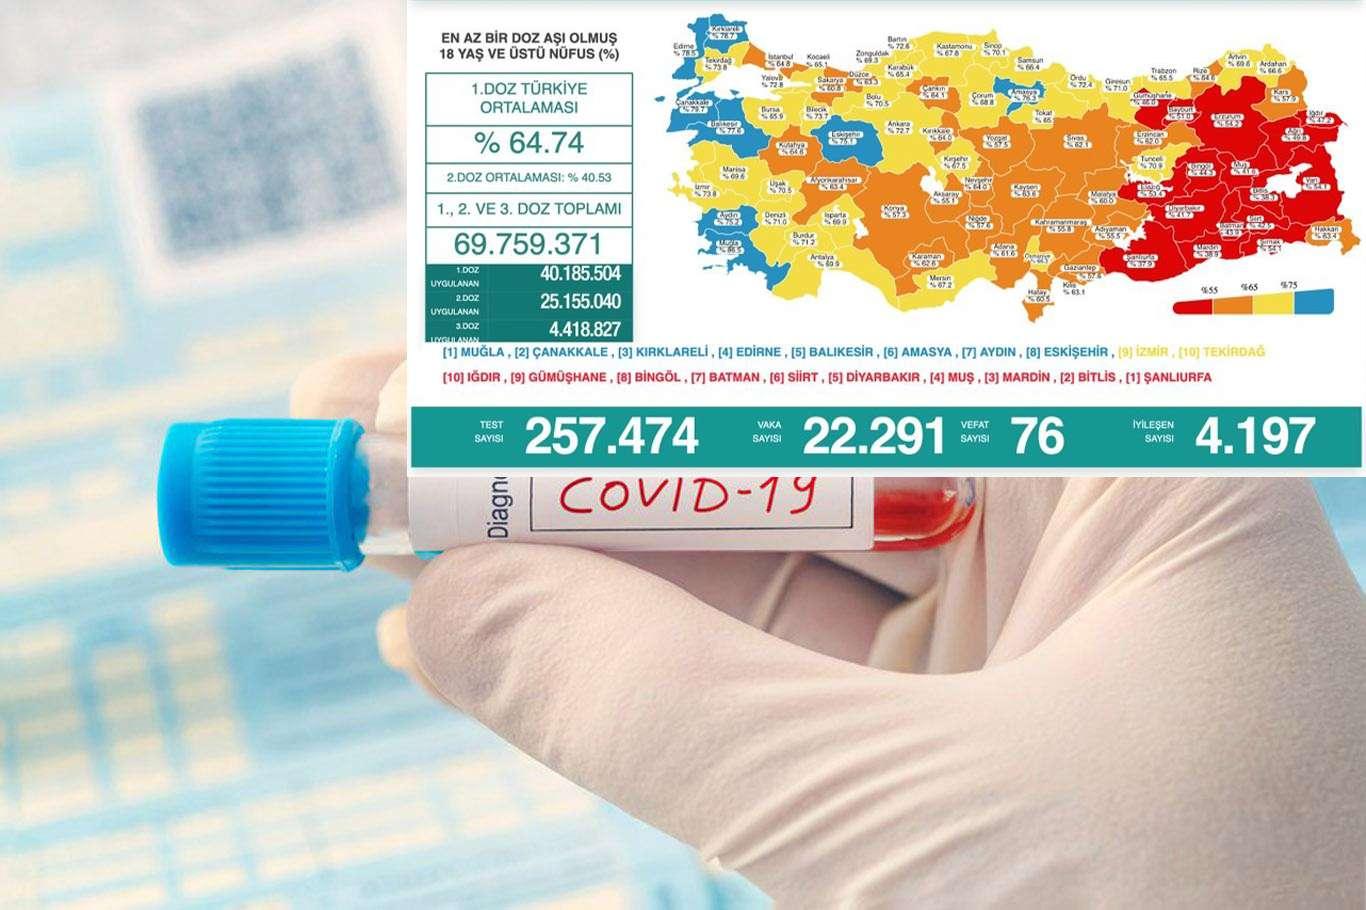 Türkiyede son 24 saatte 76 kişi vefat etti 22 bin 291 vaka tespit edildi